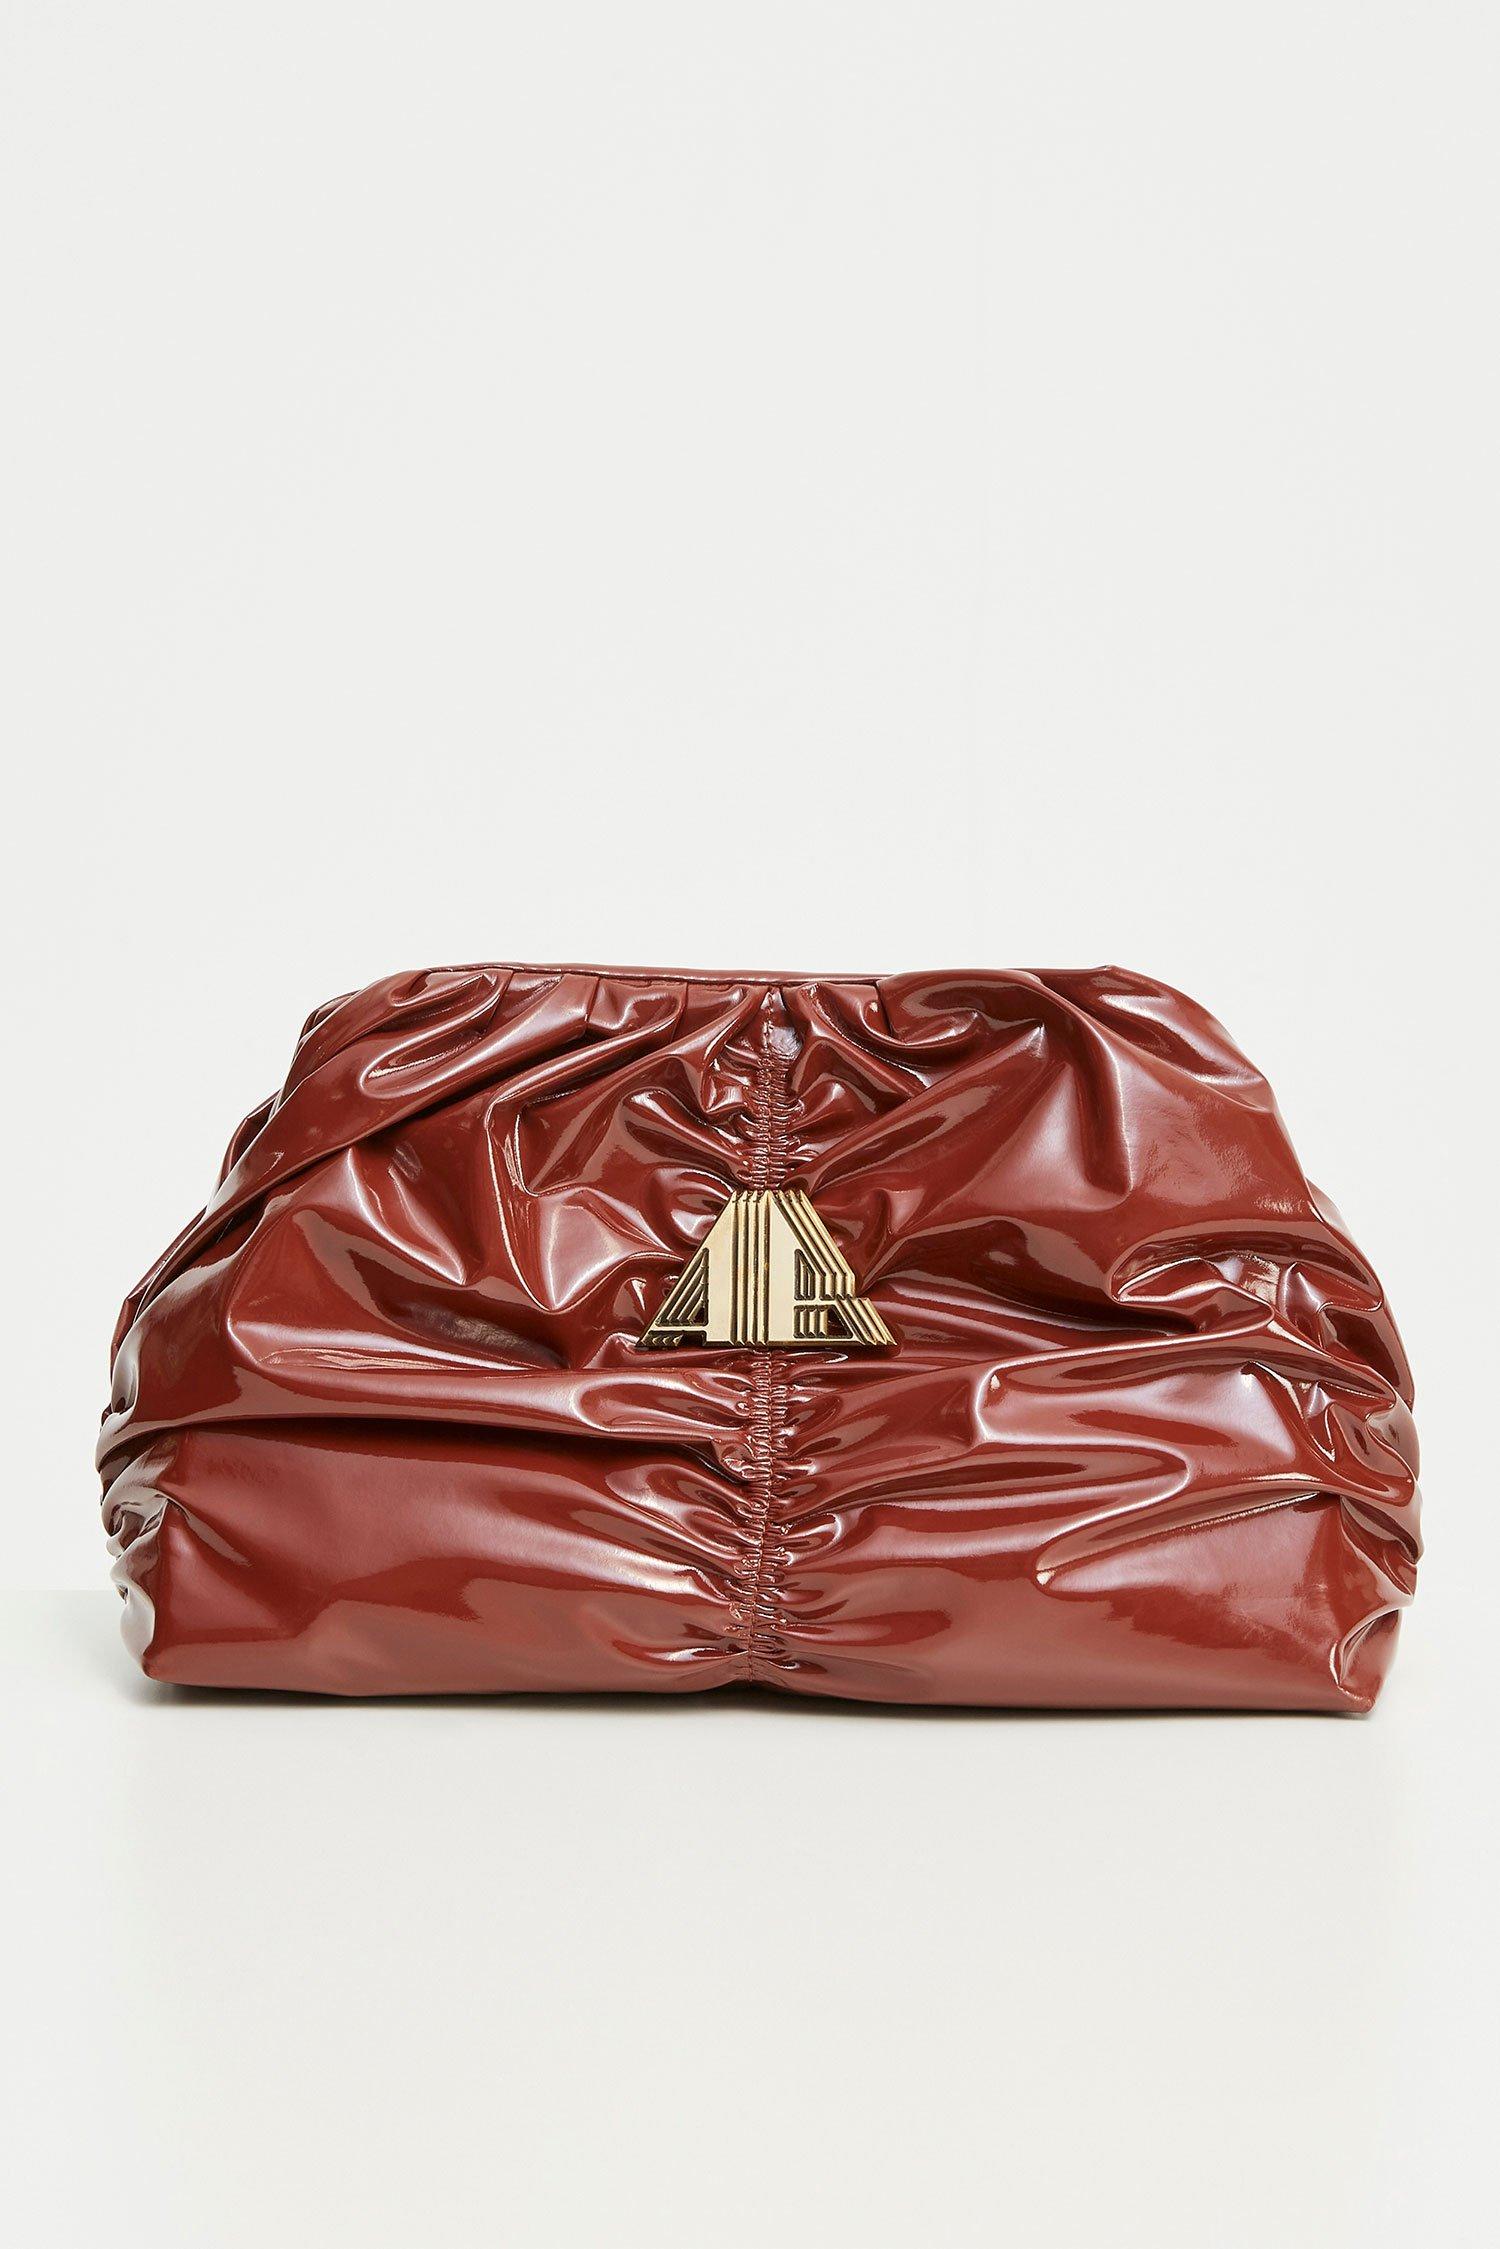 Pochette Lotty bag cacao Aniye By